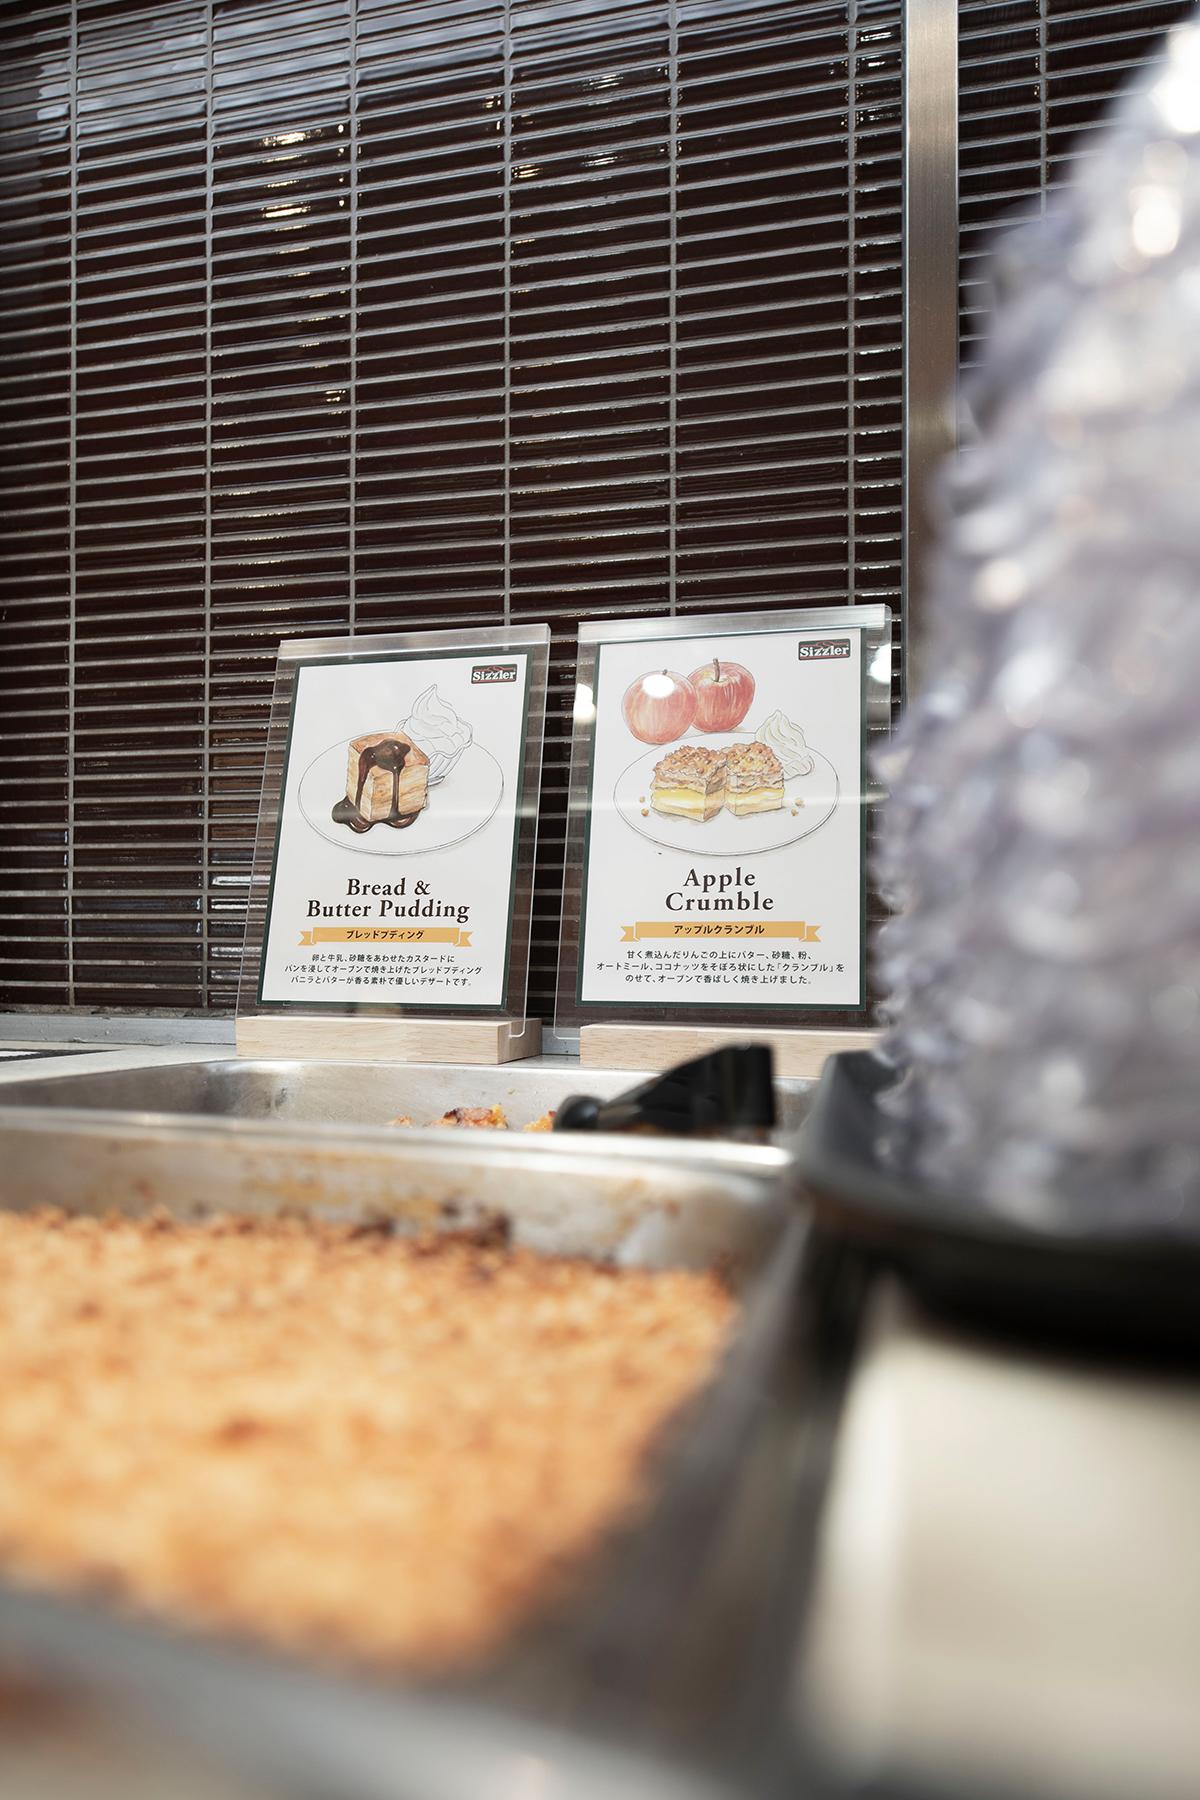 シズラー桜新町店の食材インフォメーションボードに | 展示用書類スタンド